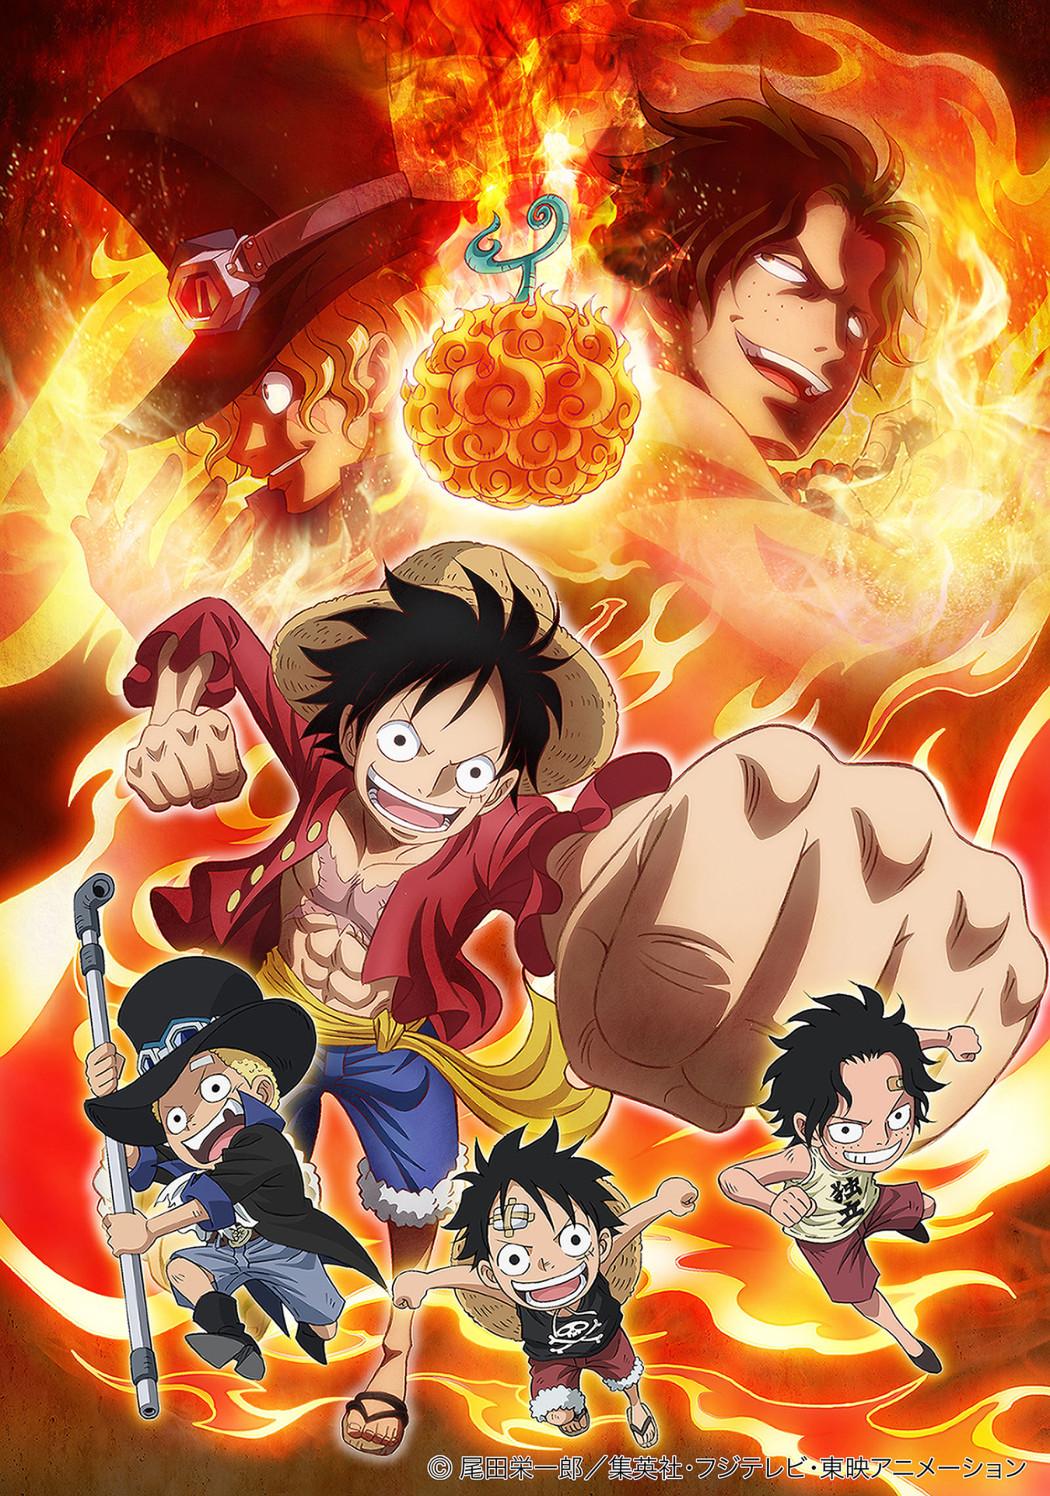 Episode of Sabo | One Piece Wiki | FANDOM powered by Wikia